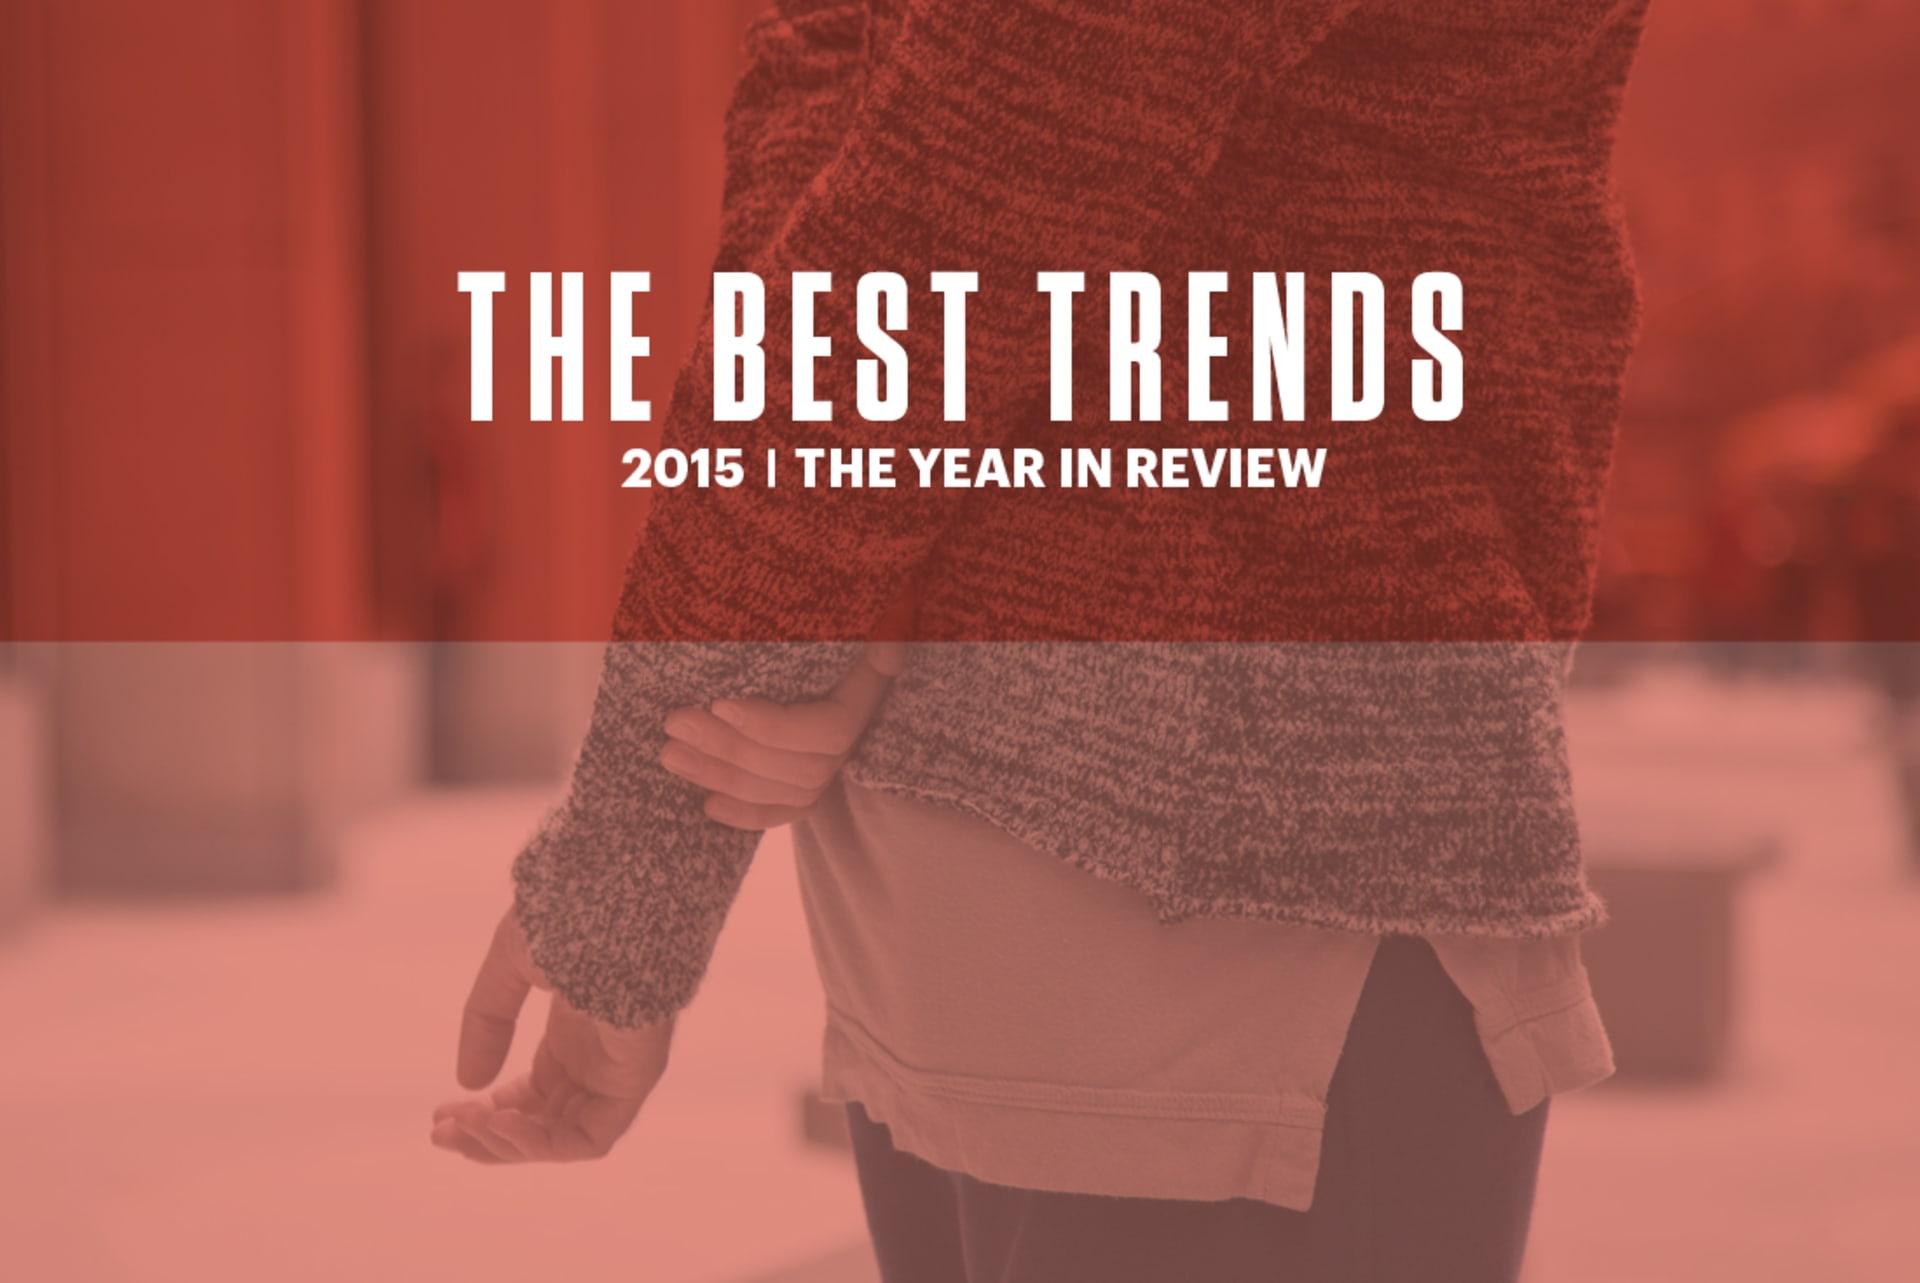 best trends 2015